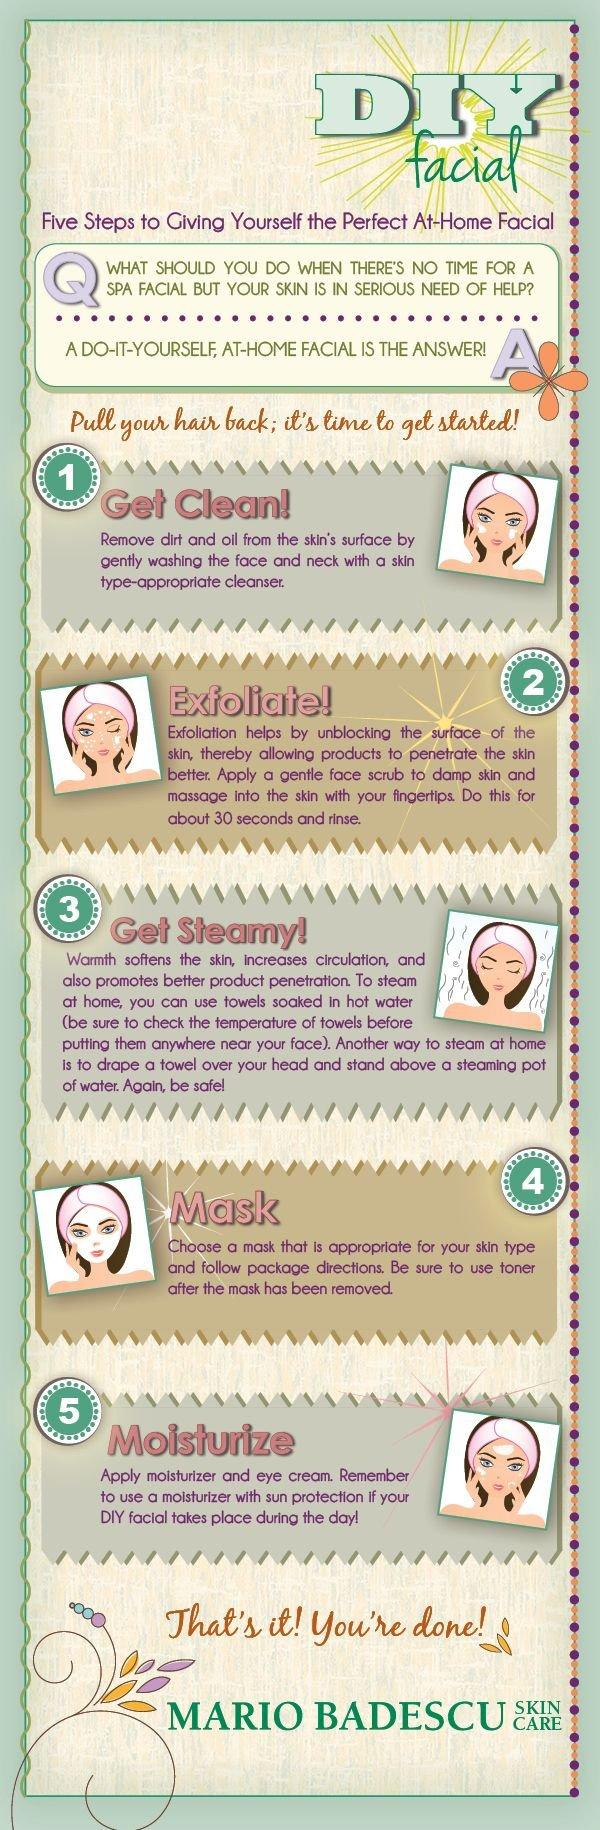 The DIY Facial Process